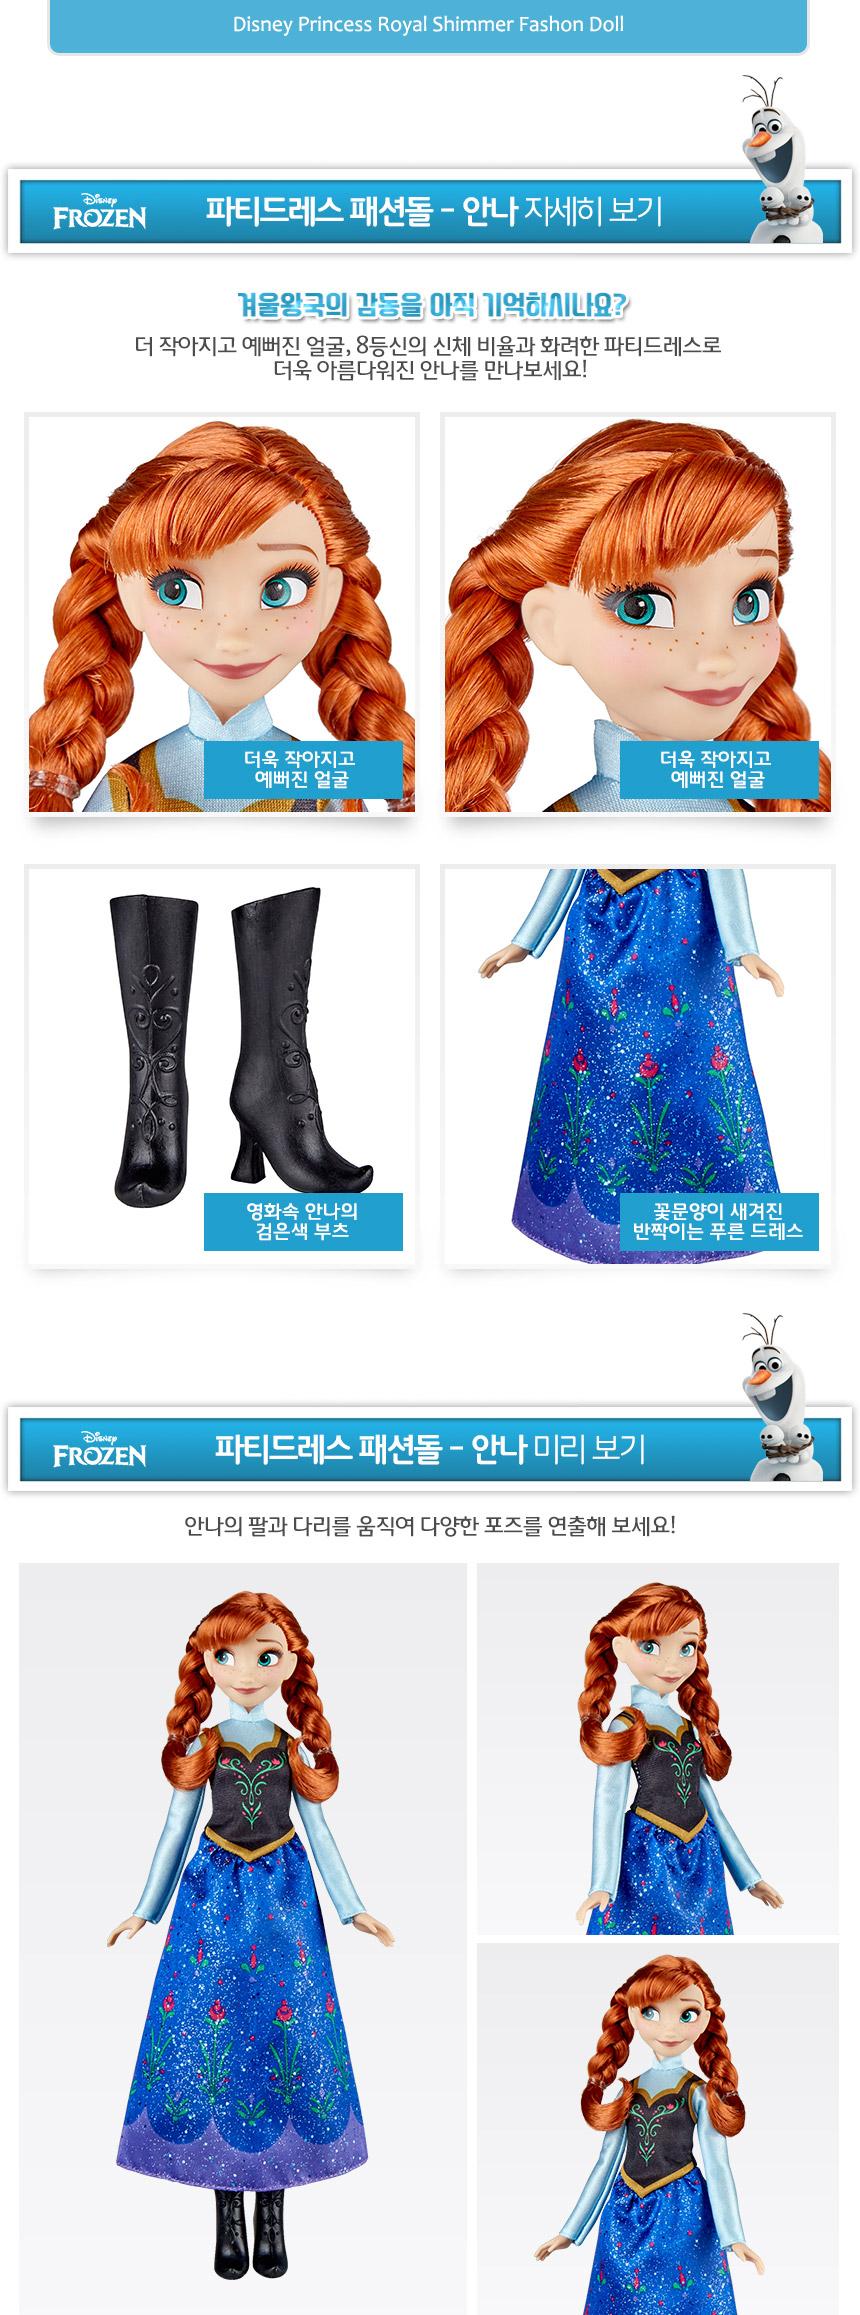 [겨울왕국] 파티드레스 패션돌 - 안나 - 해즈브로, 21,900원, 장난감, 인형/애착인형